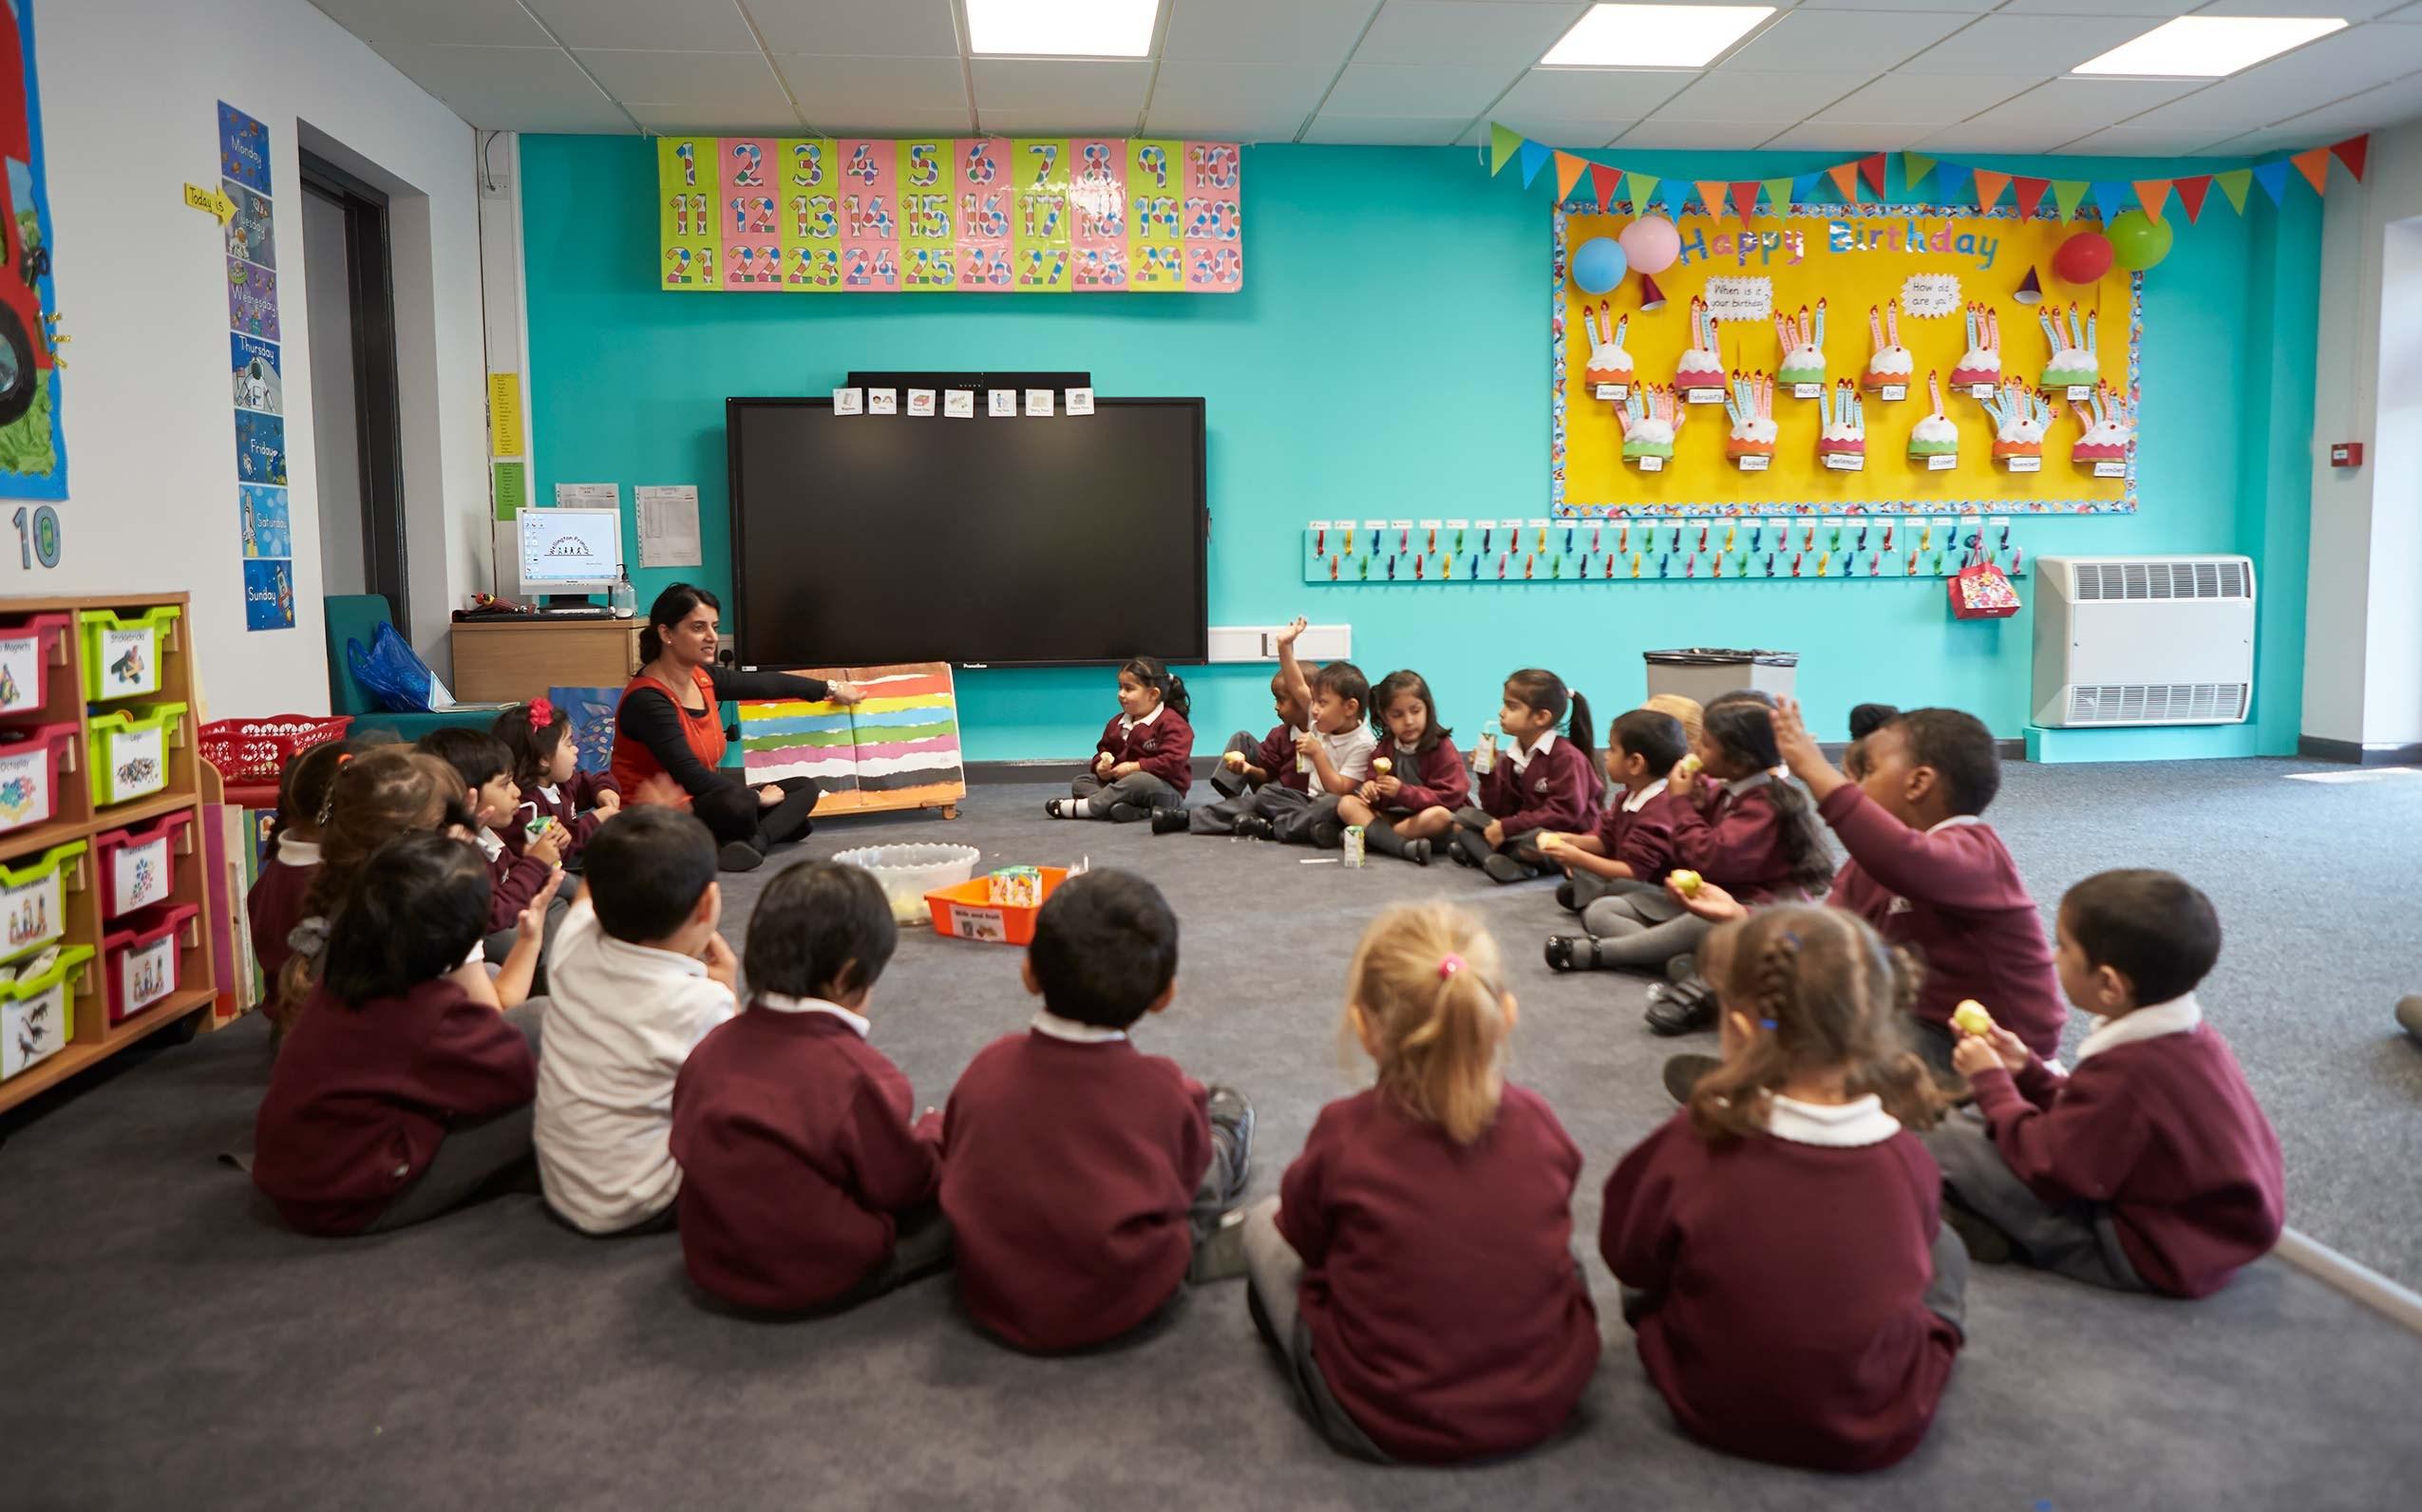 britain's biggest primary school